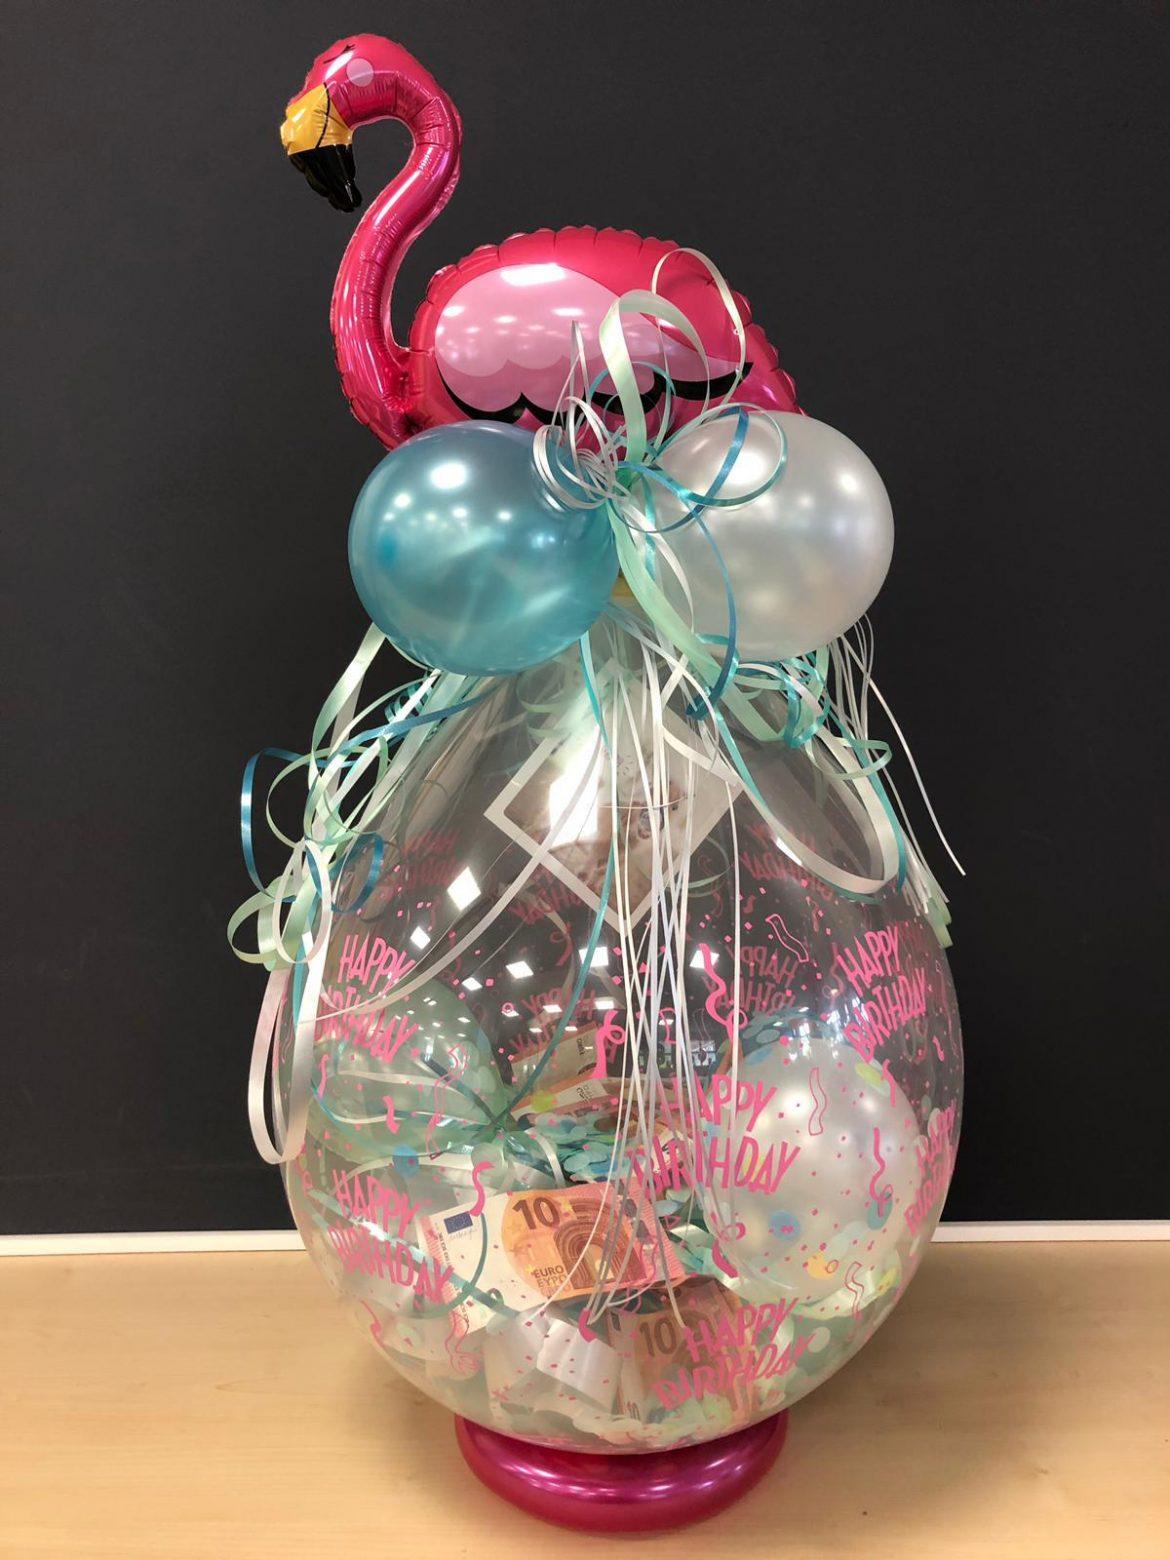 Ballongeschenk mit Flamingo € 14,90 1